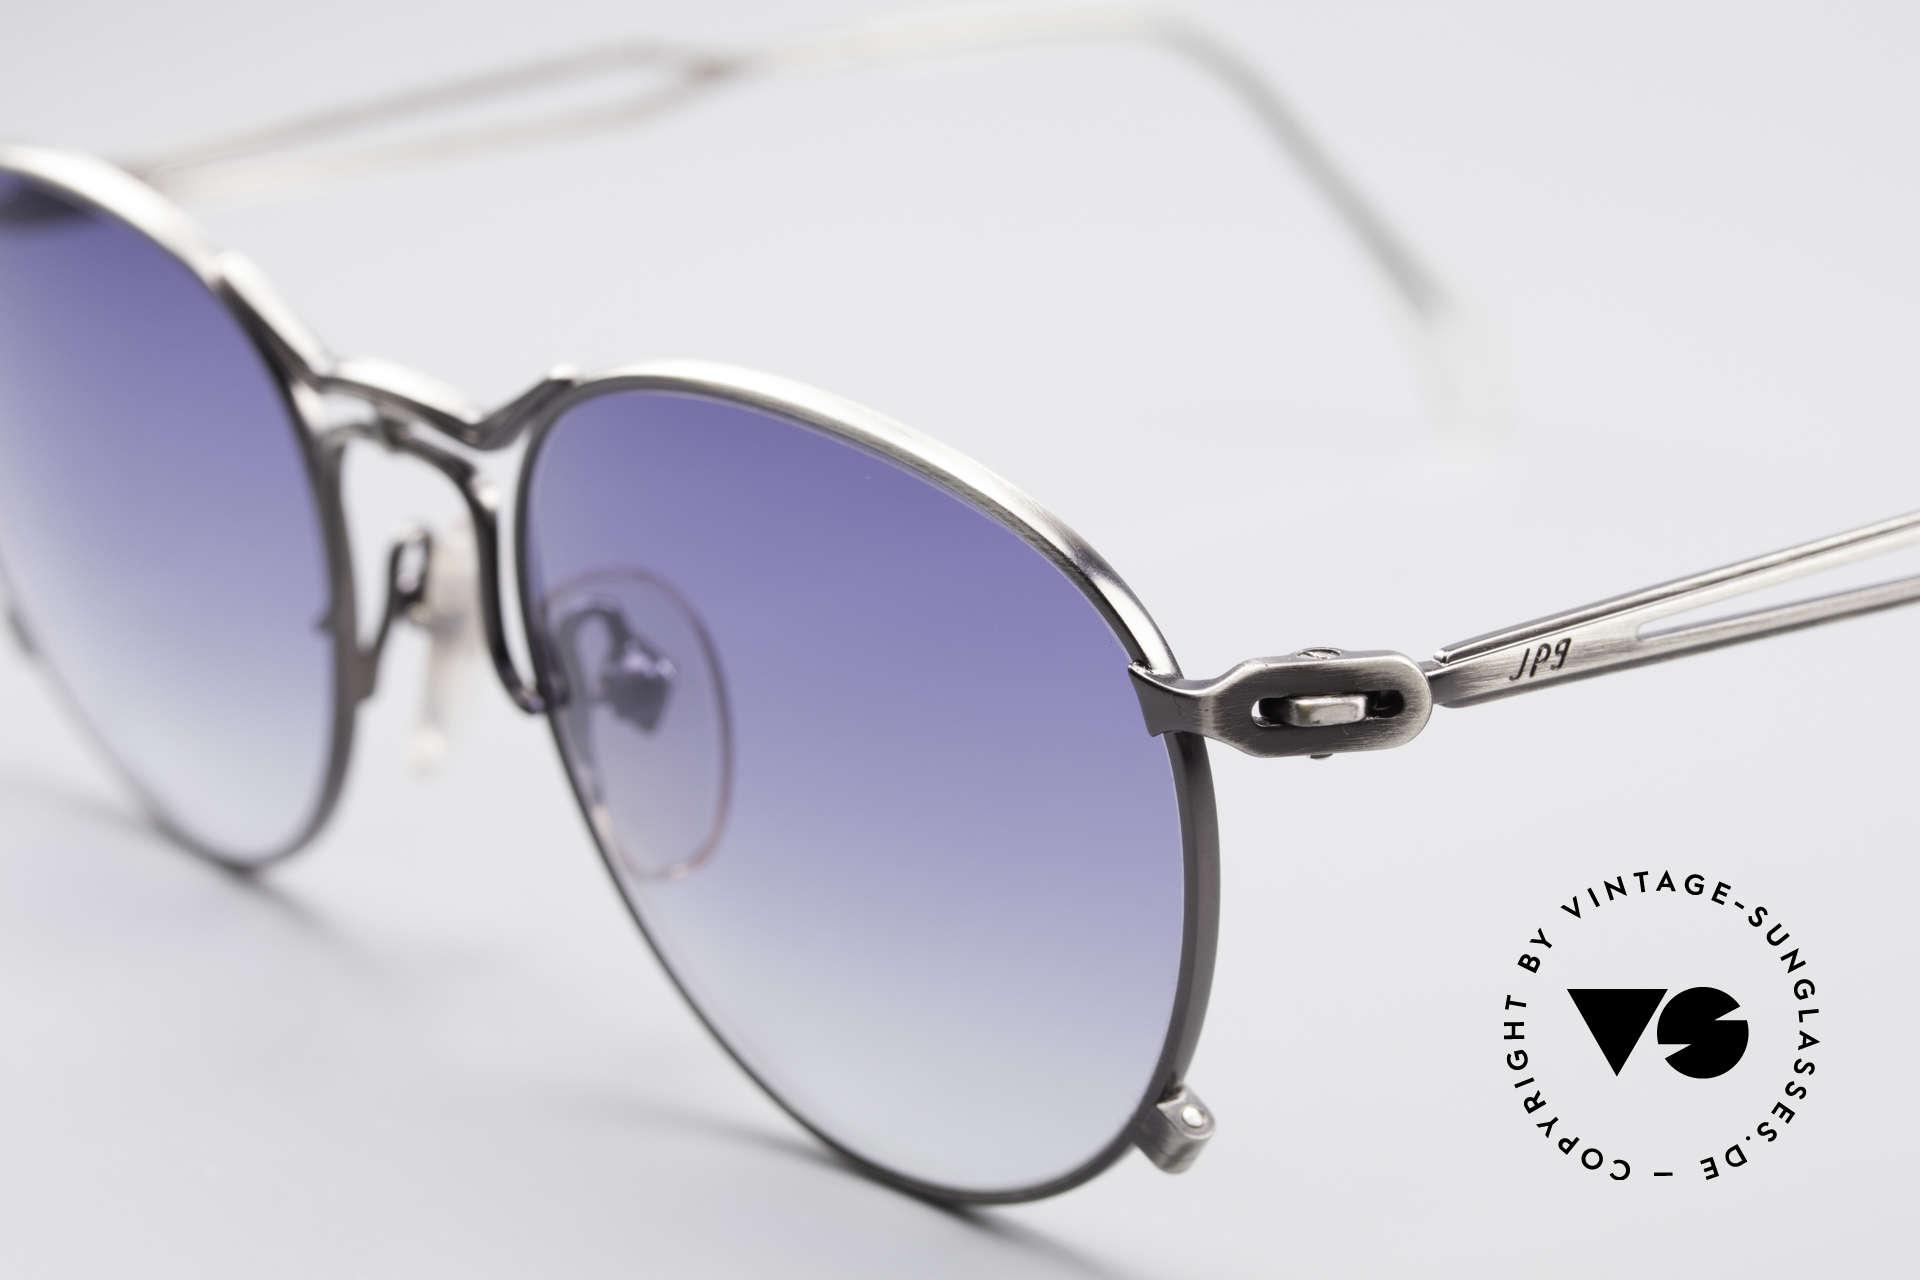 Jean Paul Gaultier 55-2177 Rare Designer Sonnenbrille, mit eleganten Sonnengläsern in blau-Verlauf; 100% UV, Passend für Herren und Damen